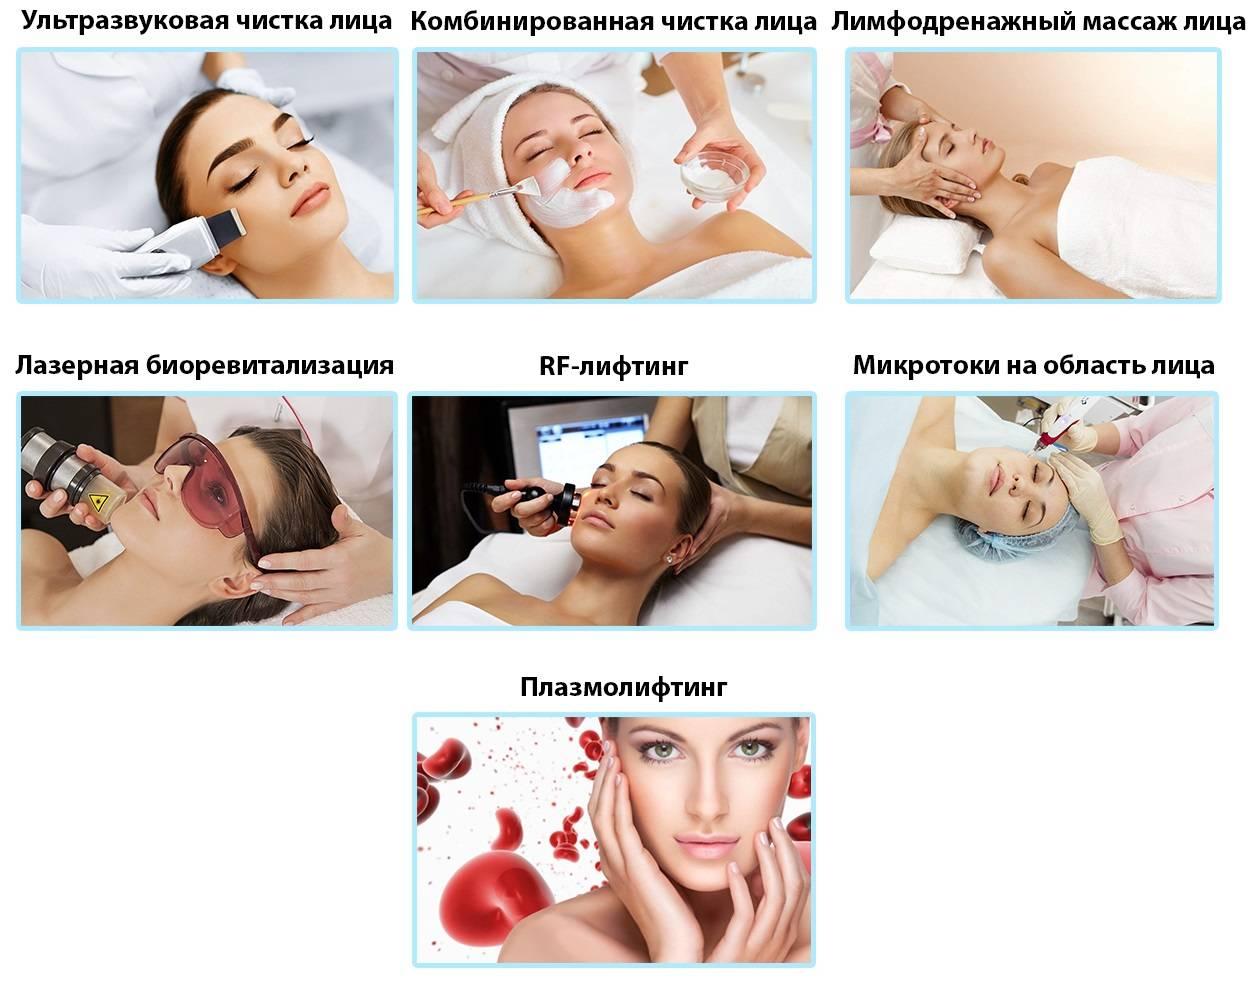 Аппаратная чистка лица — виды процедур и их эффективность